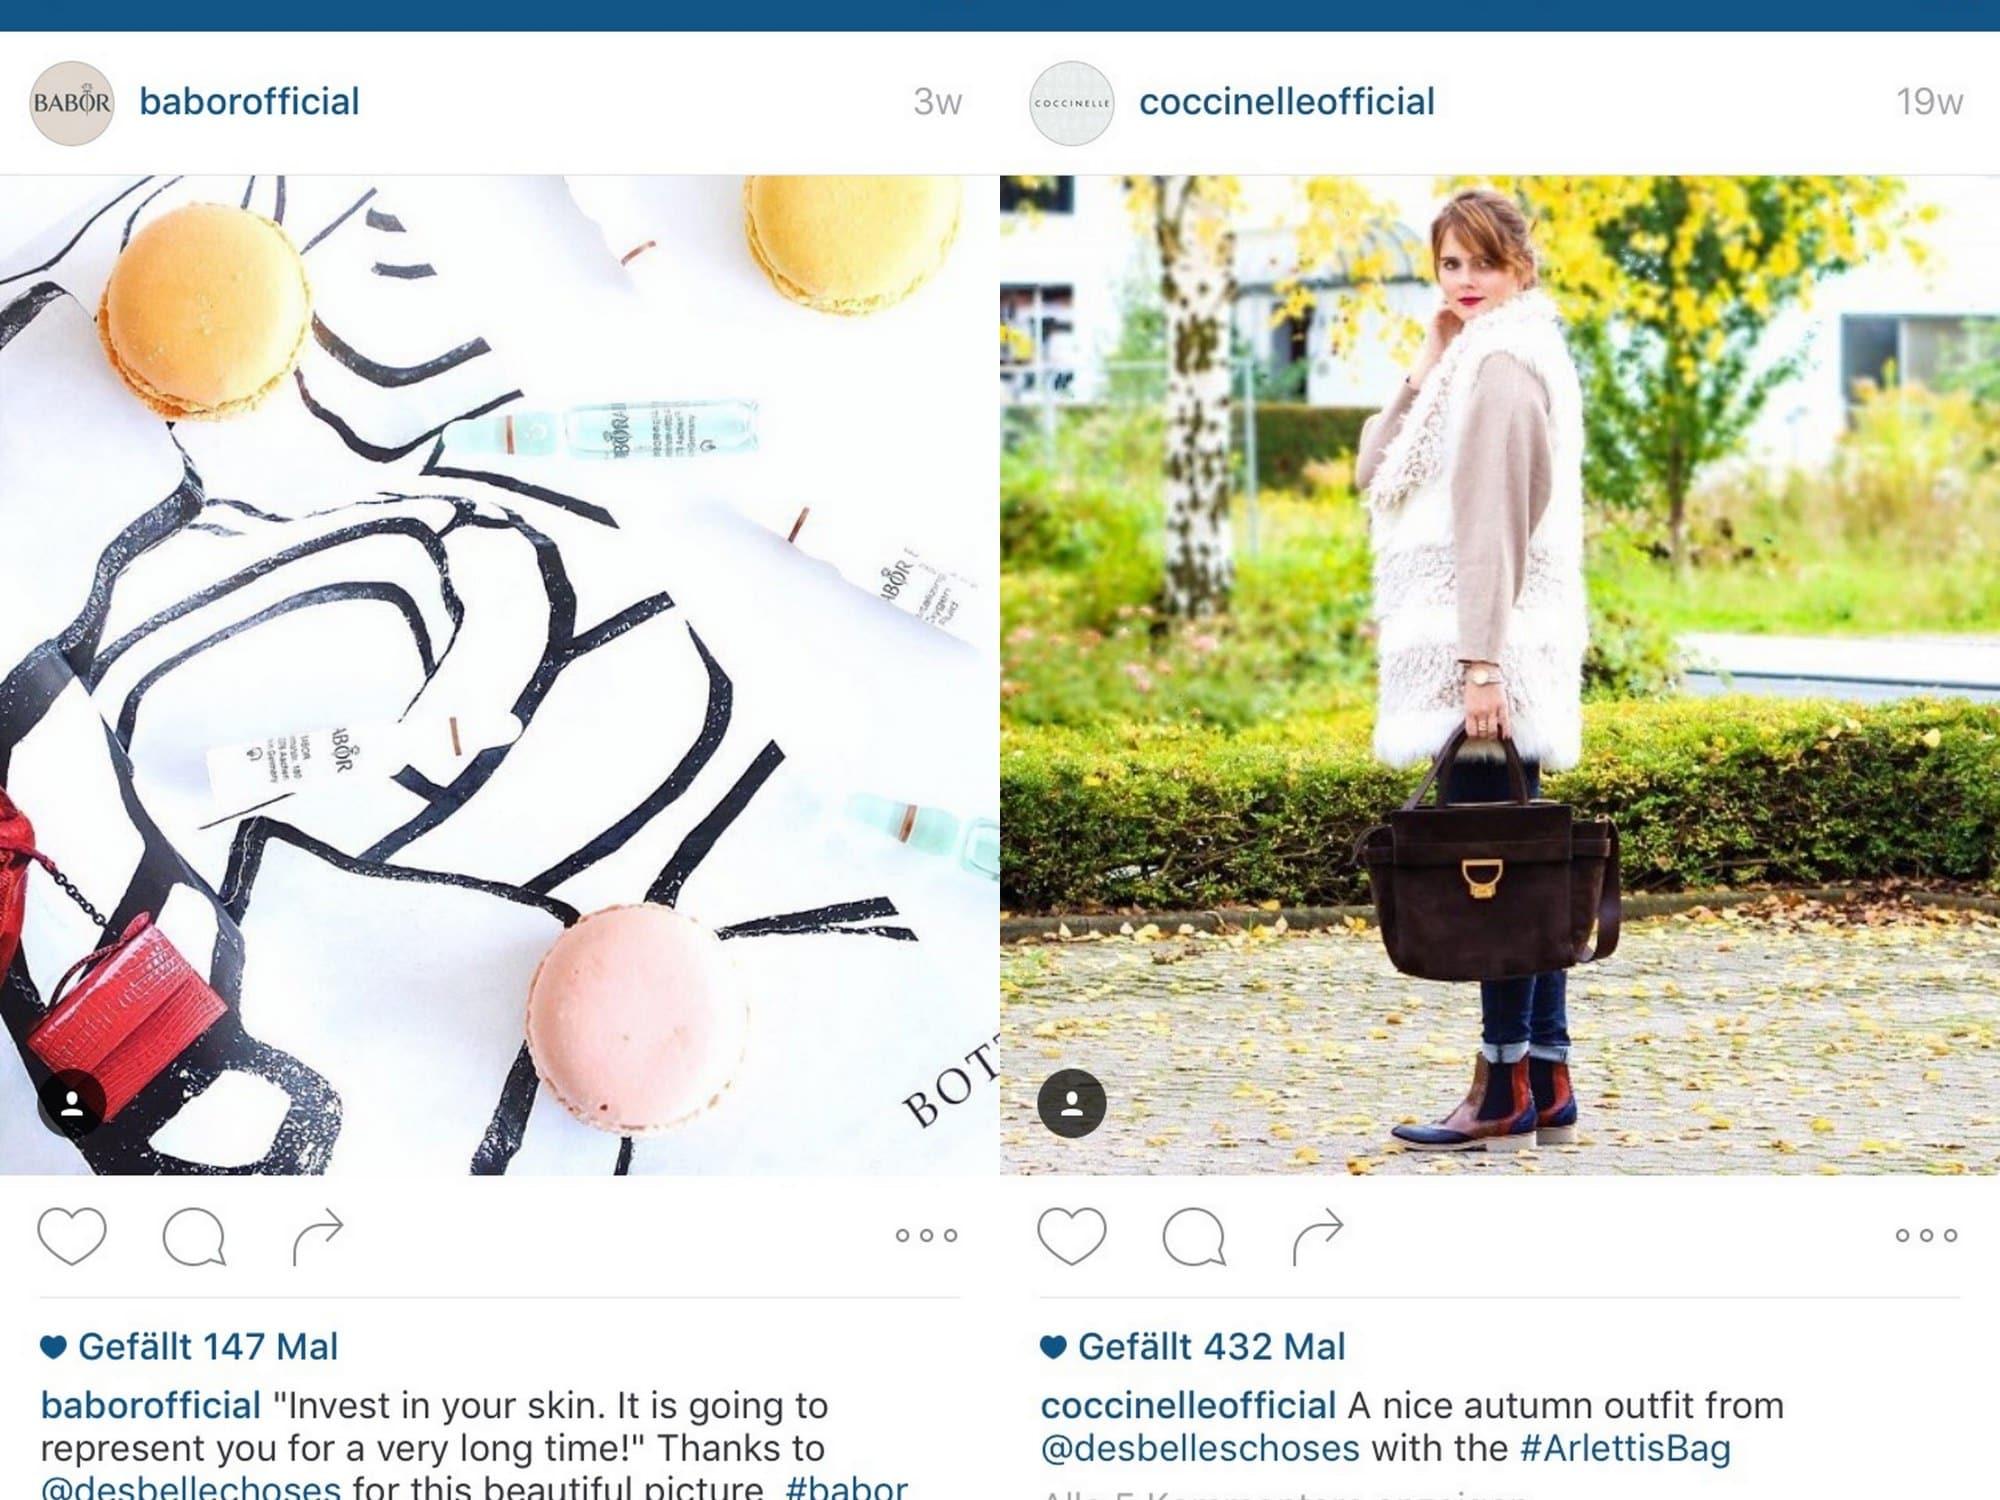 desbelleschoses-fashion-blog-köln-online-erwähnungen 5